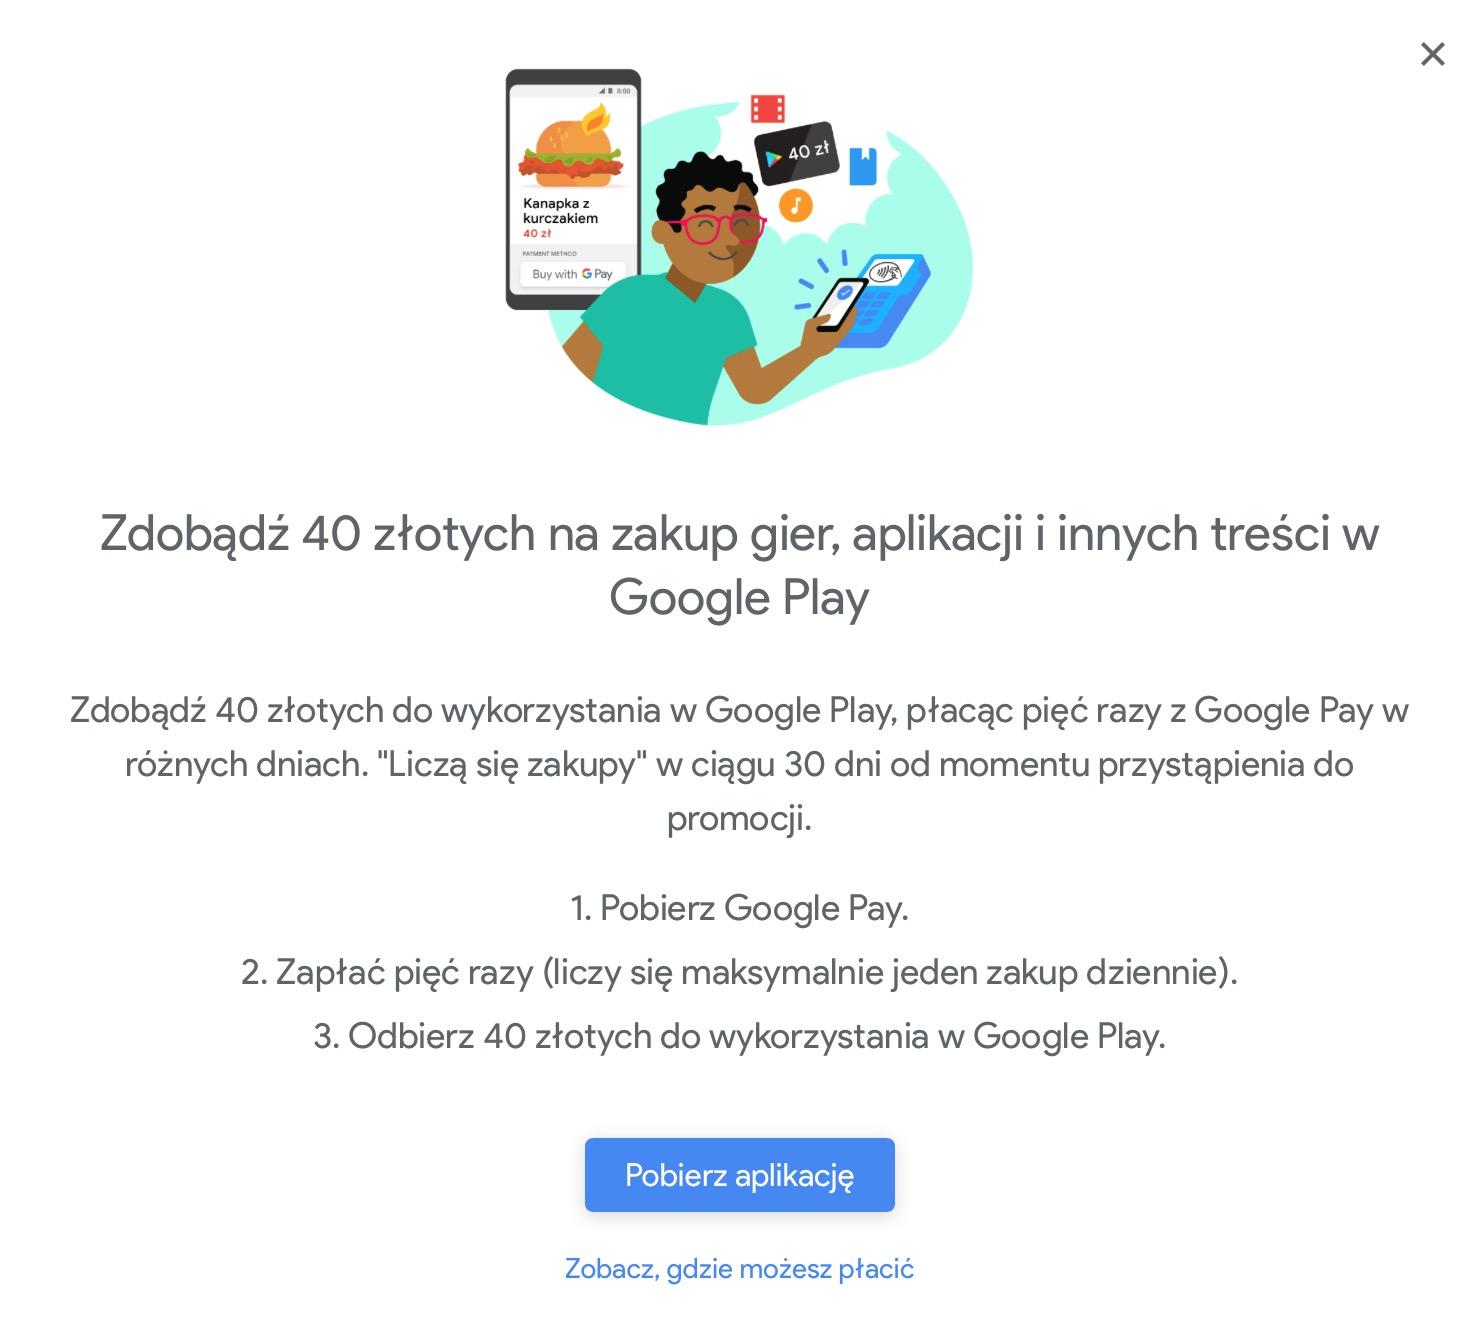 40 Zl Do Wydania Na Aplikacje W Google Play Swietna Promocja Google A